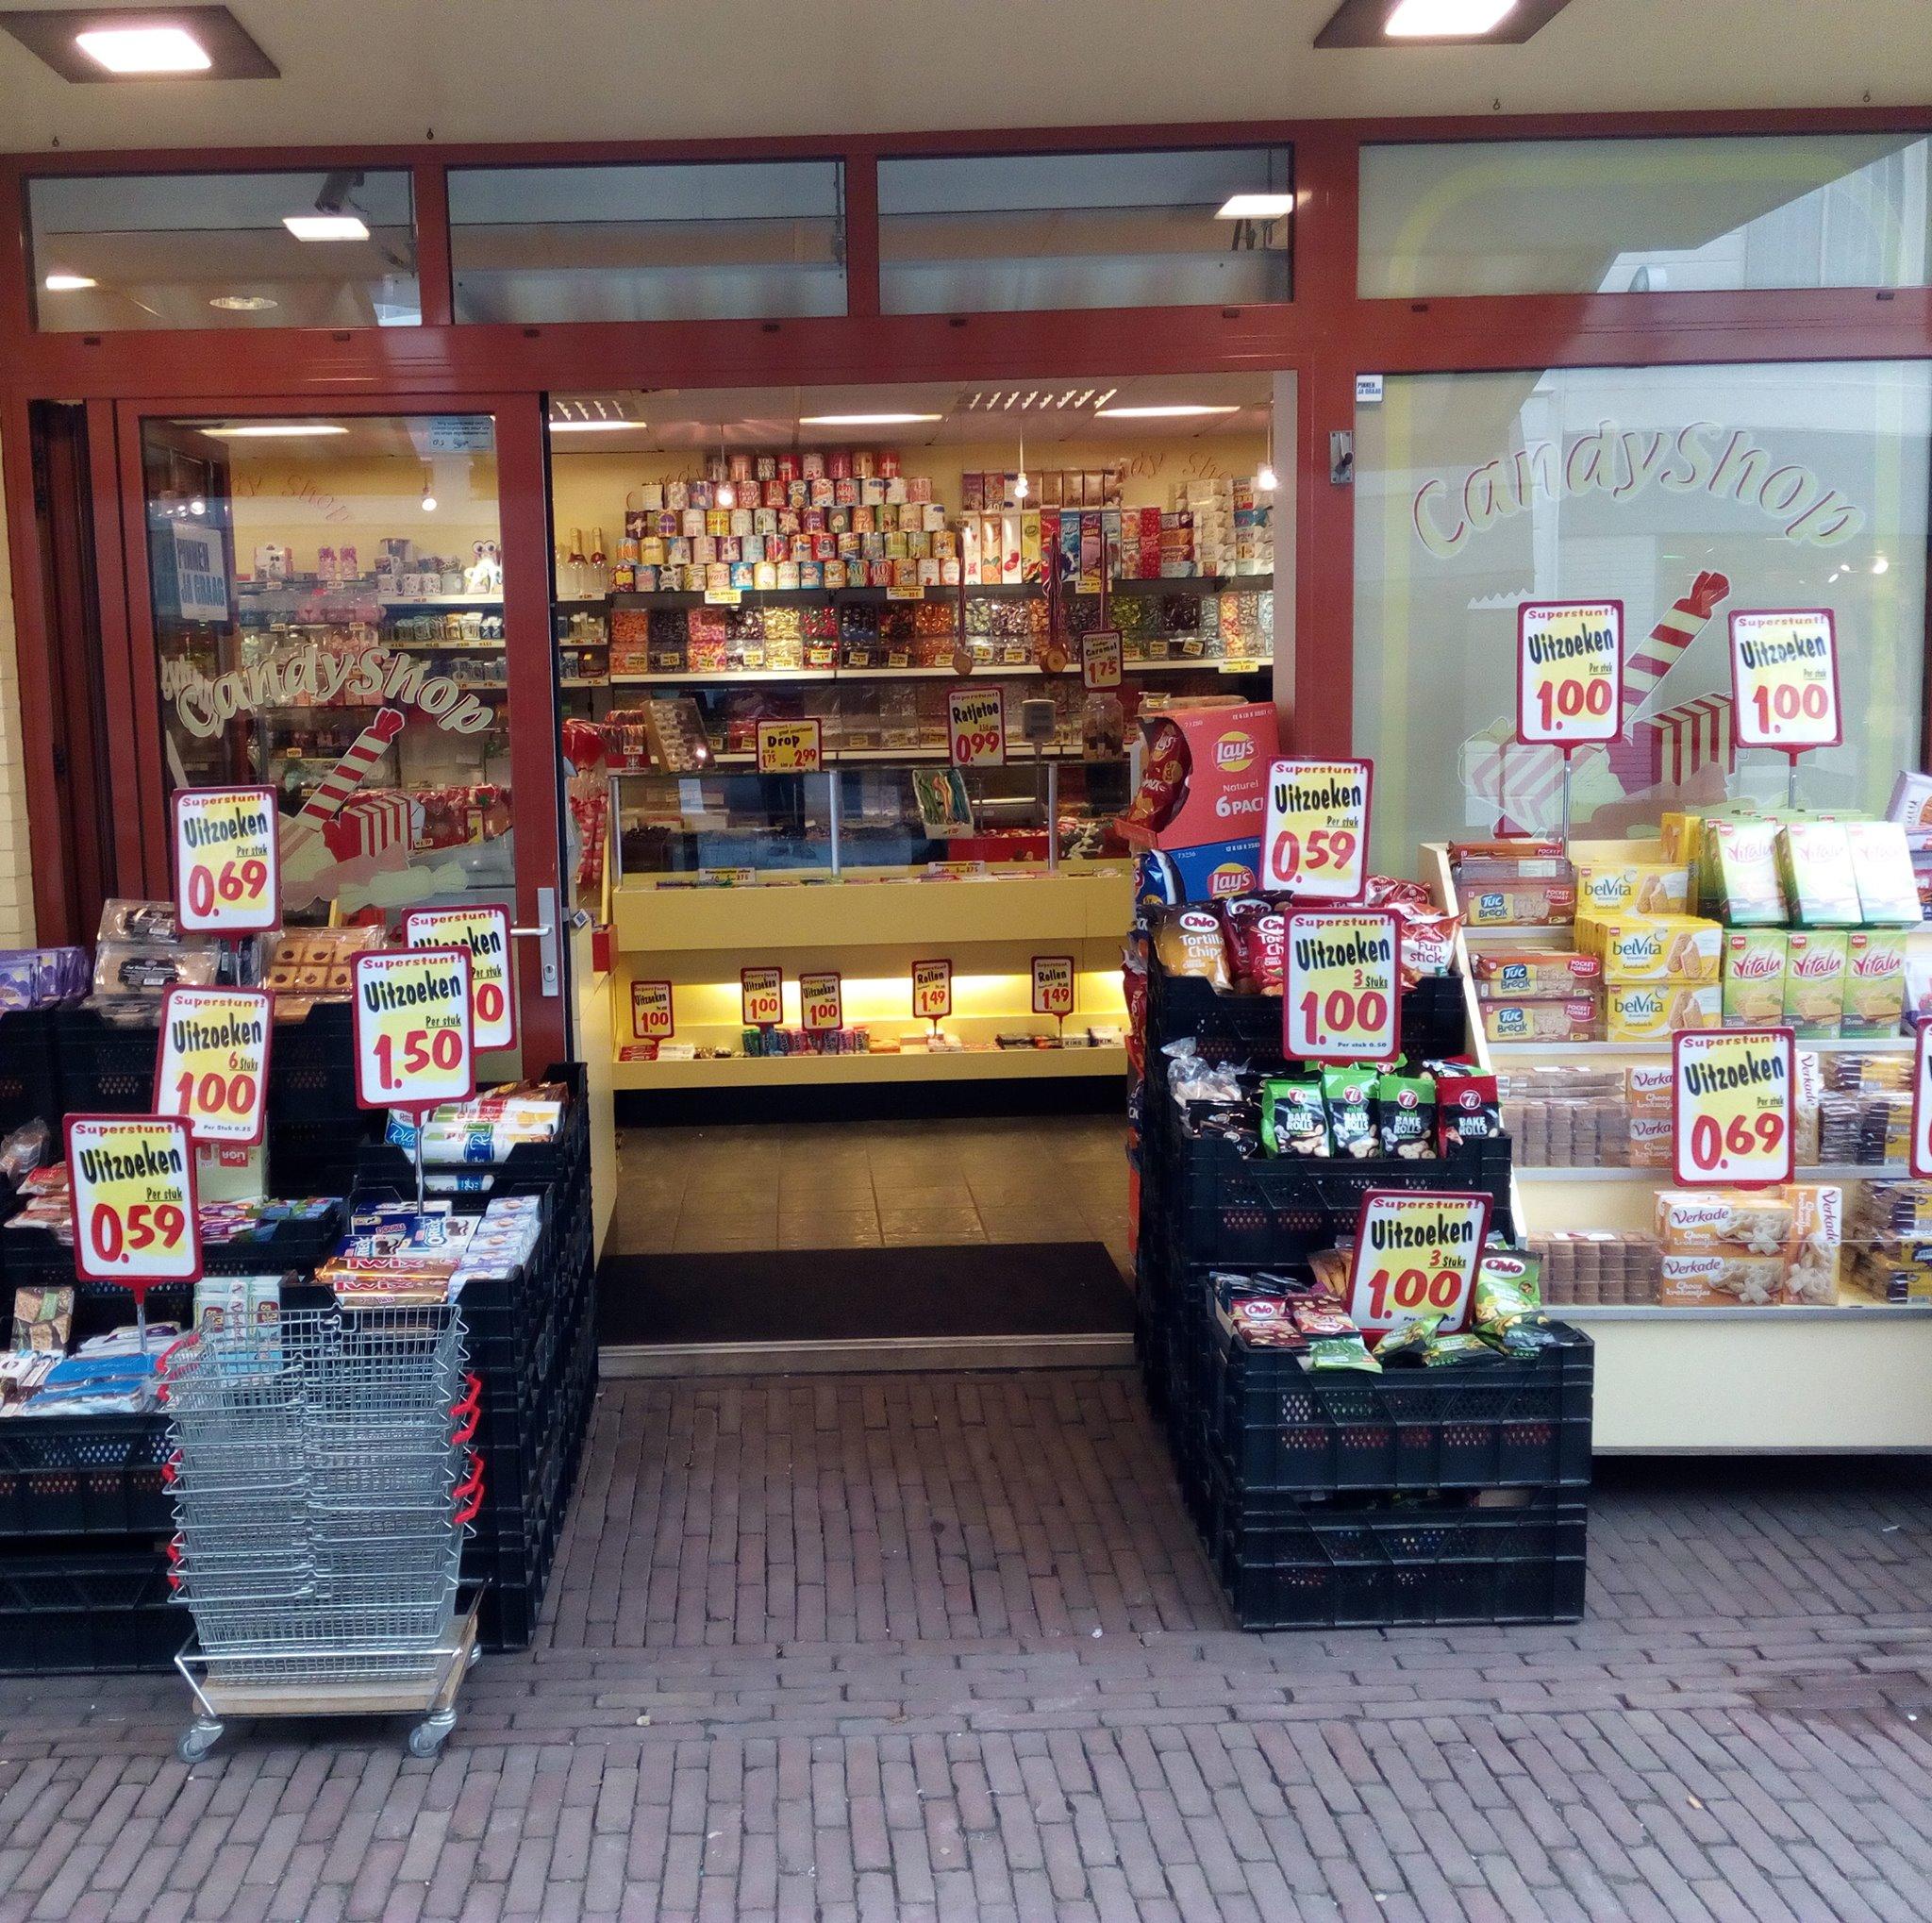 Candyshop Oud-Beijerland snoepwinkel